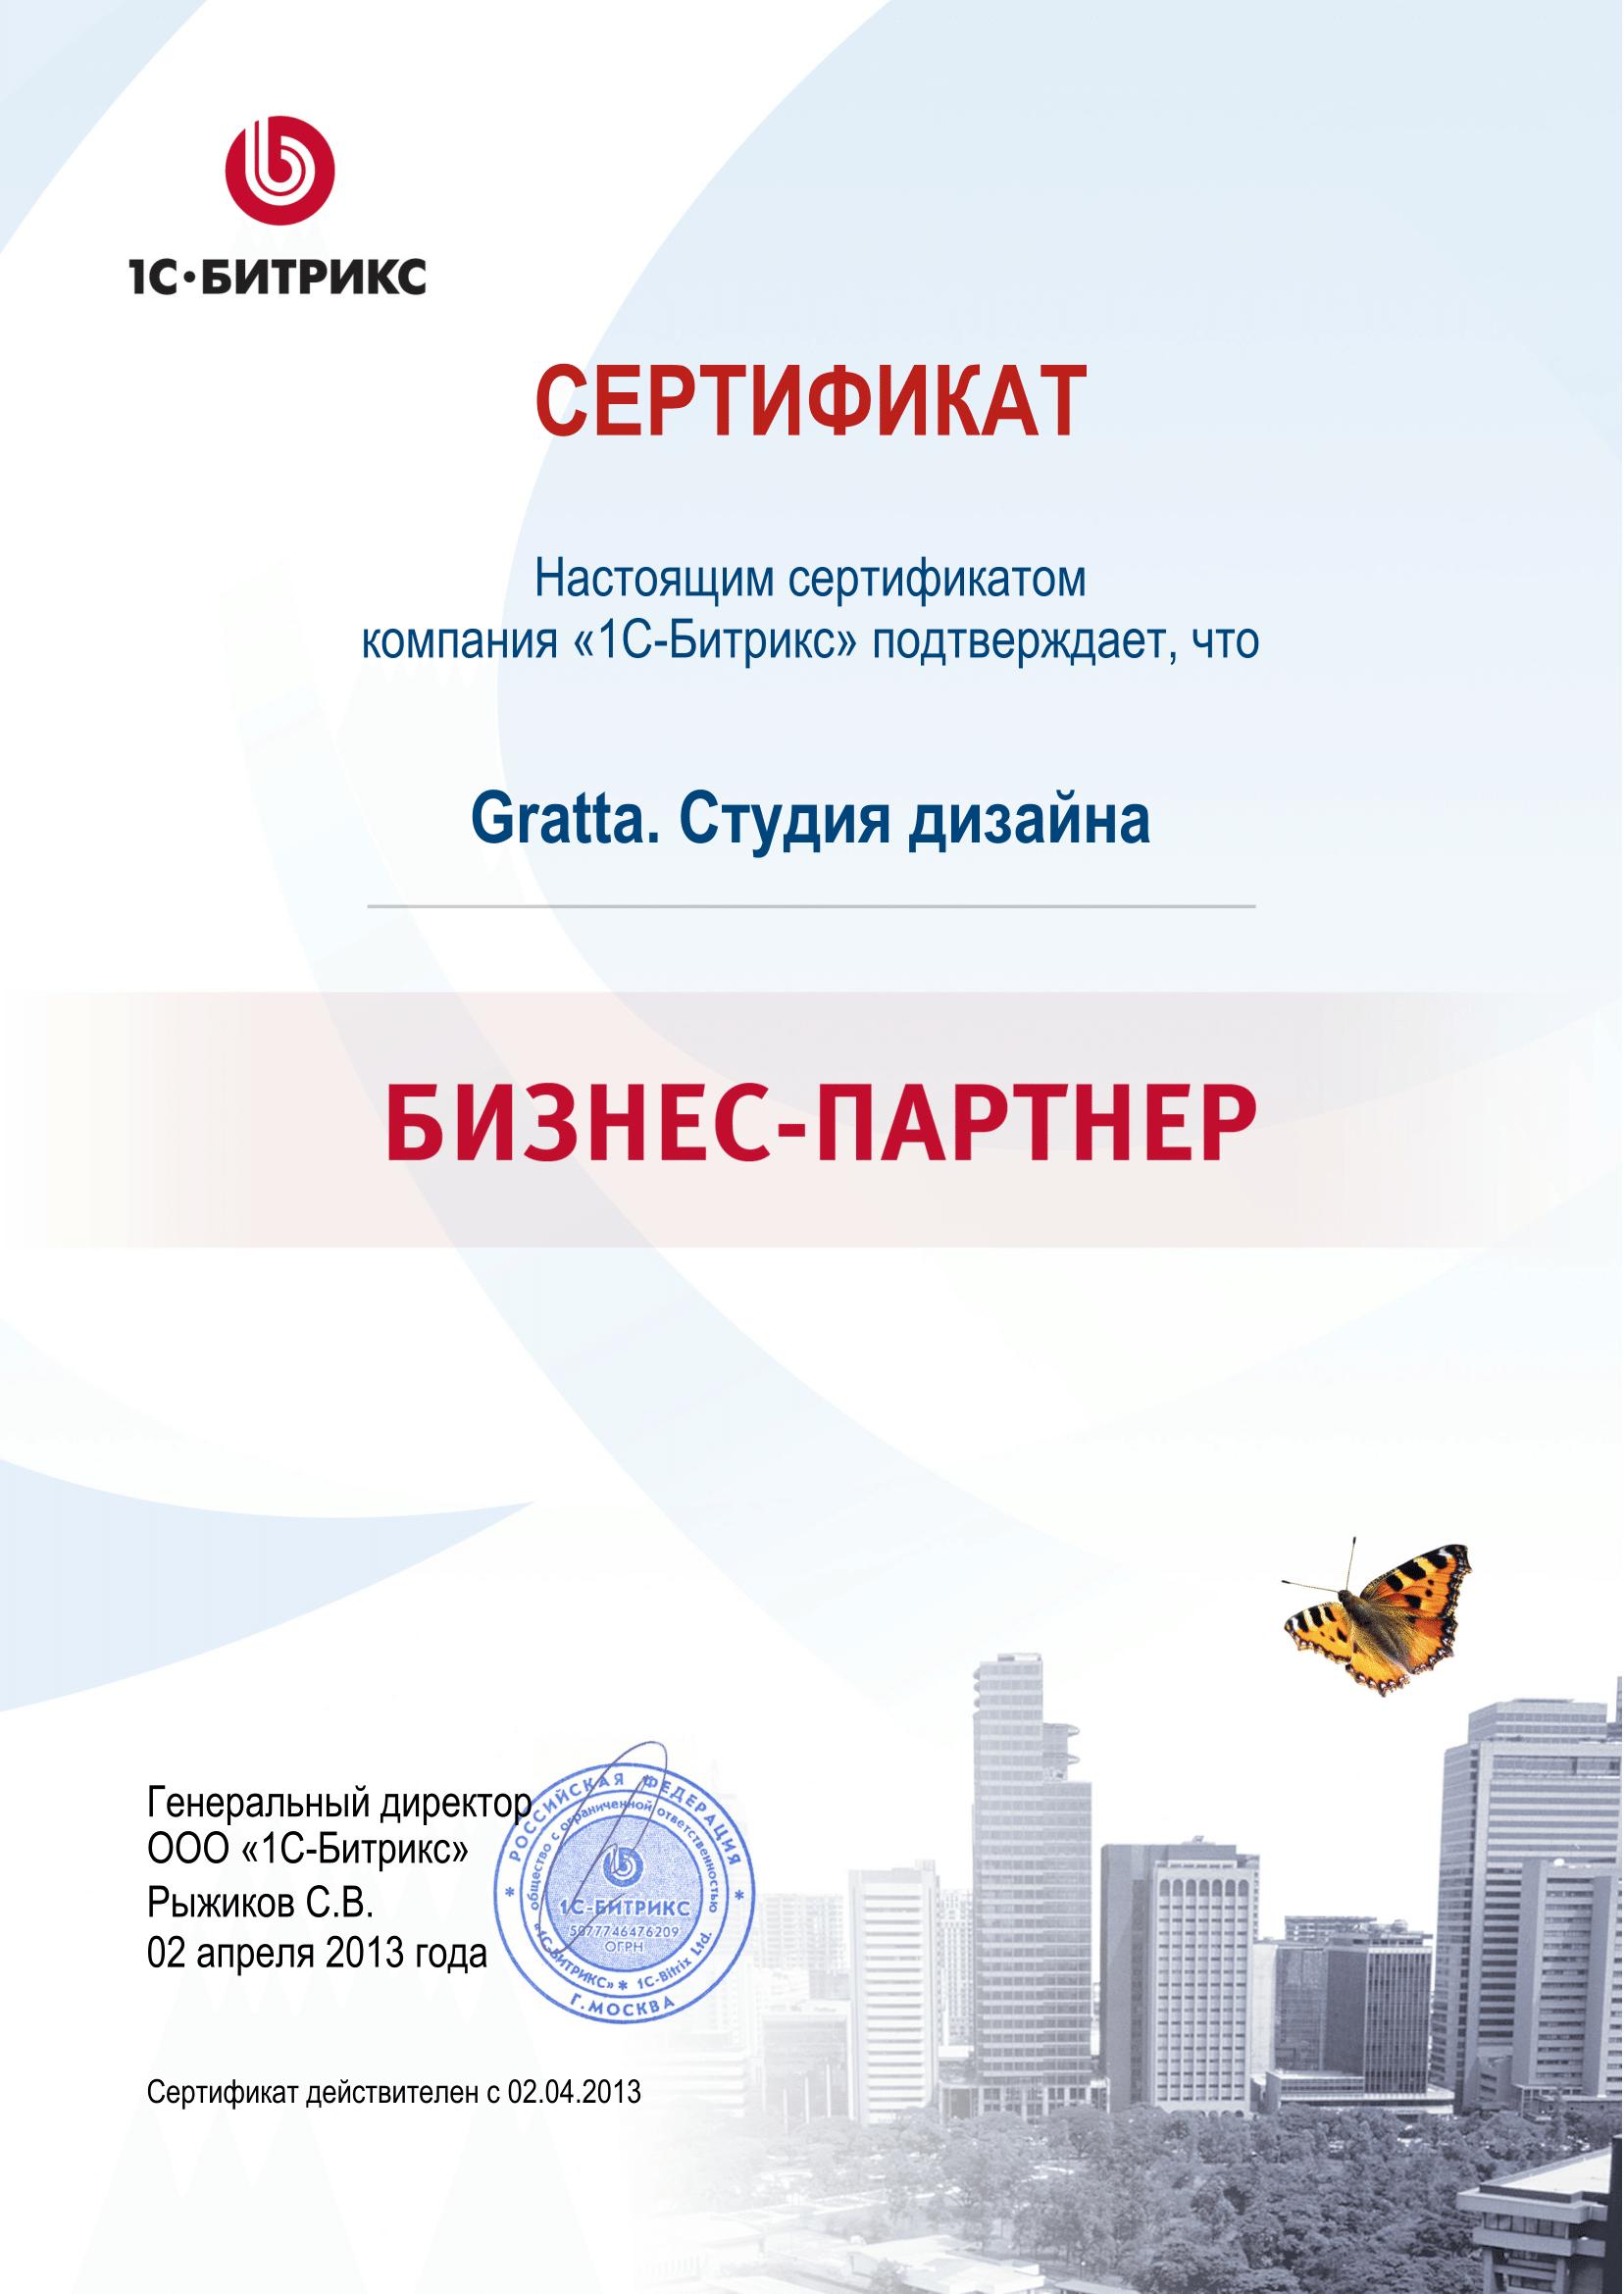 Мы стали бизнес-партнером компании «1С-Битрикс»